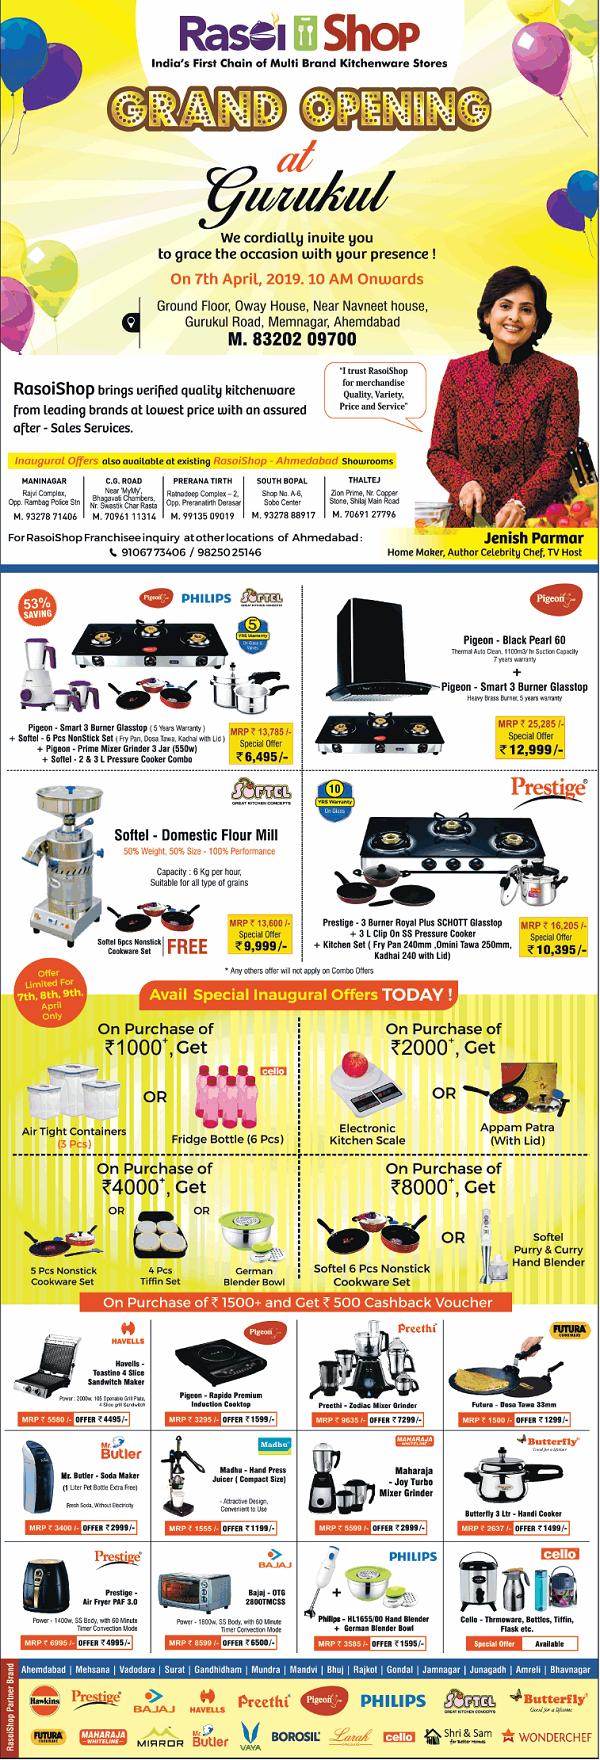 Rasoi Shop offers India